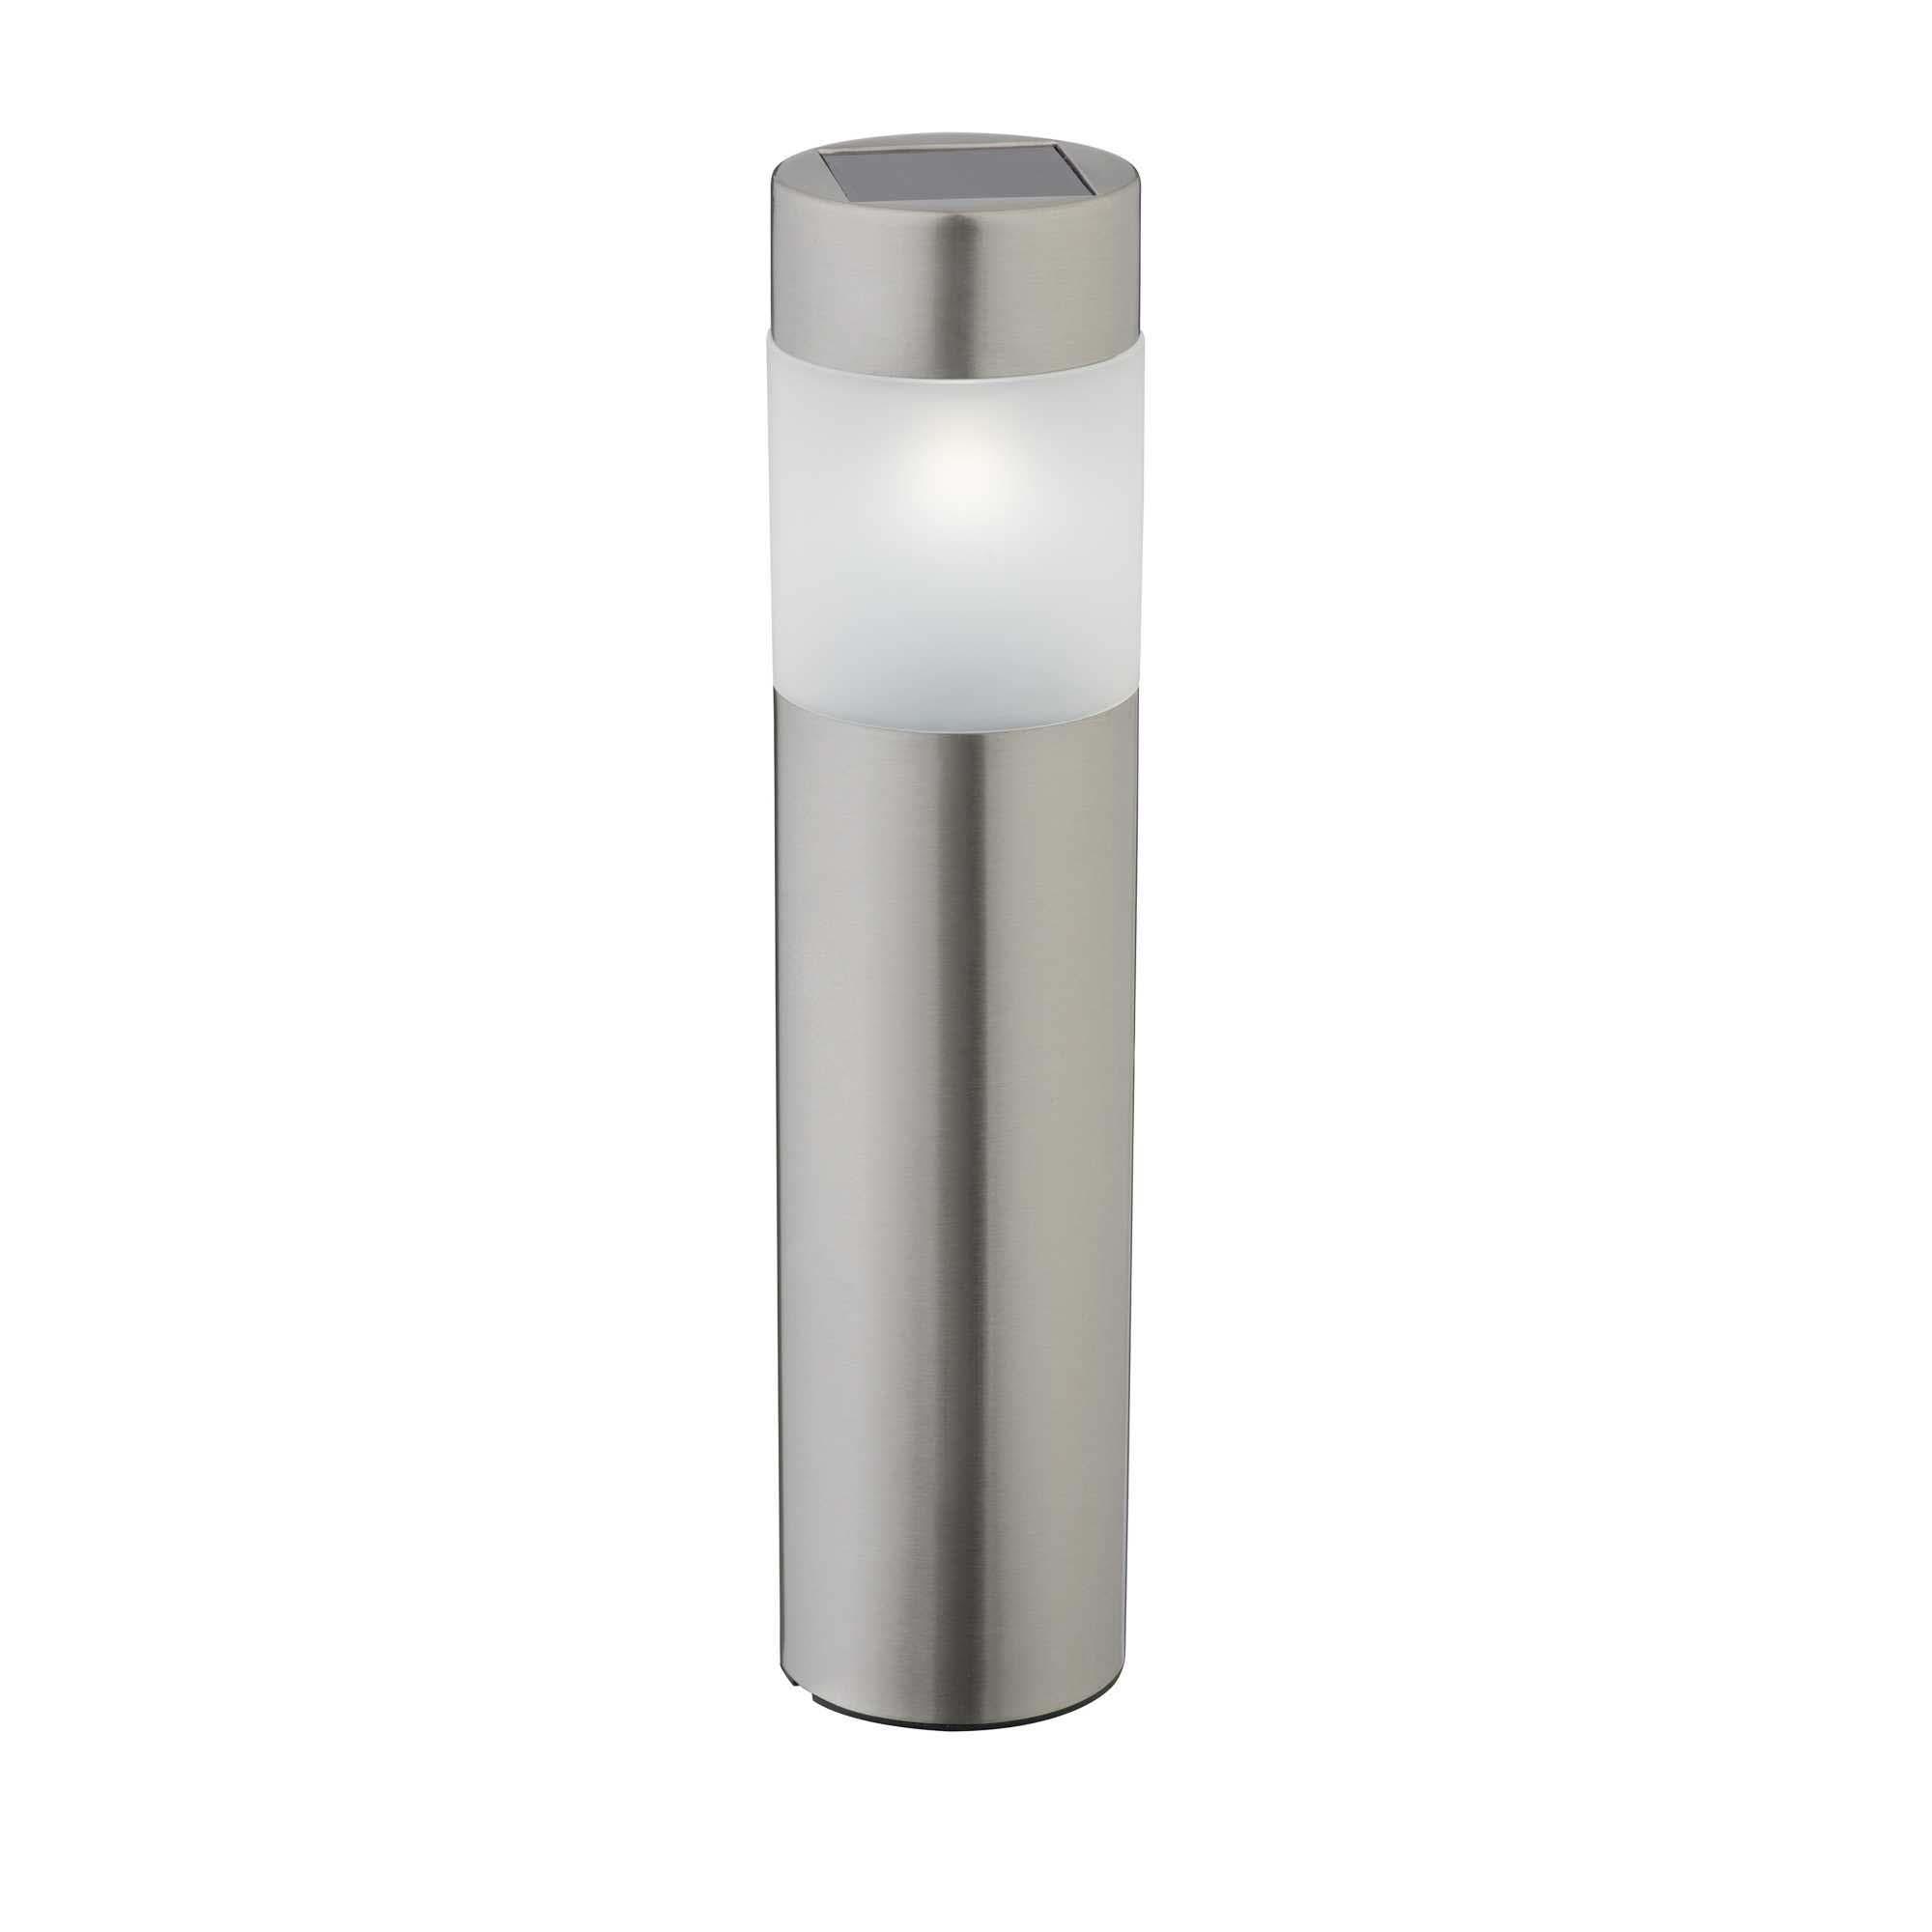 Dashte solar bollard garden light set - 5 pack